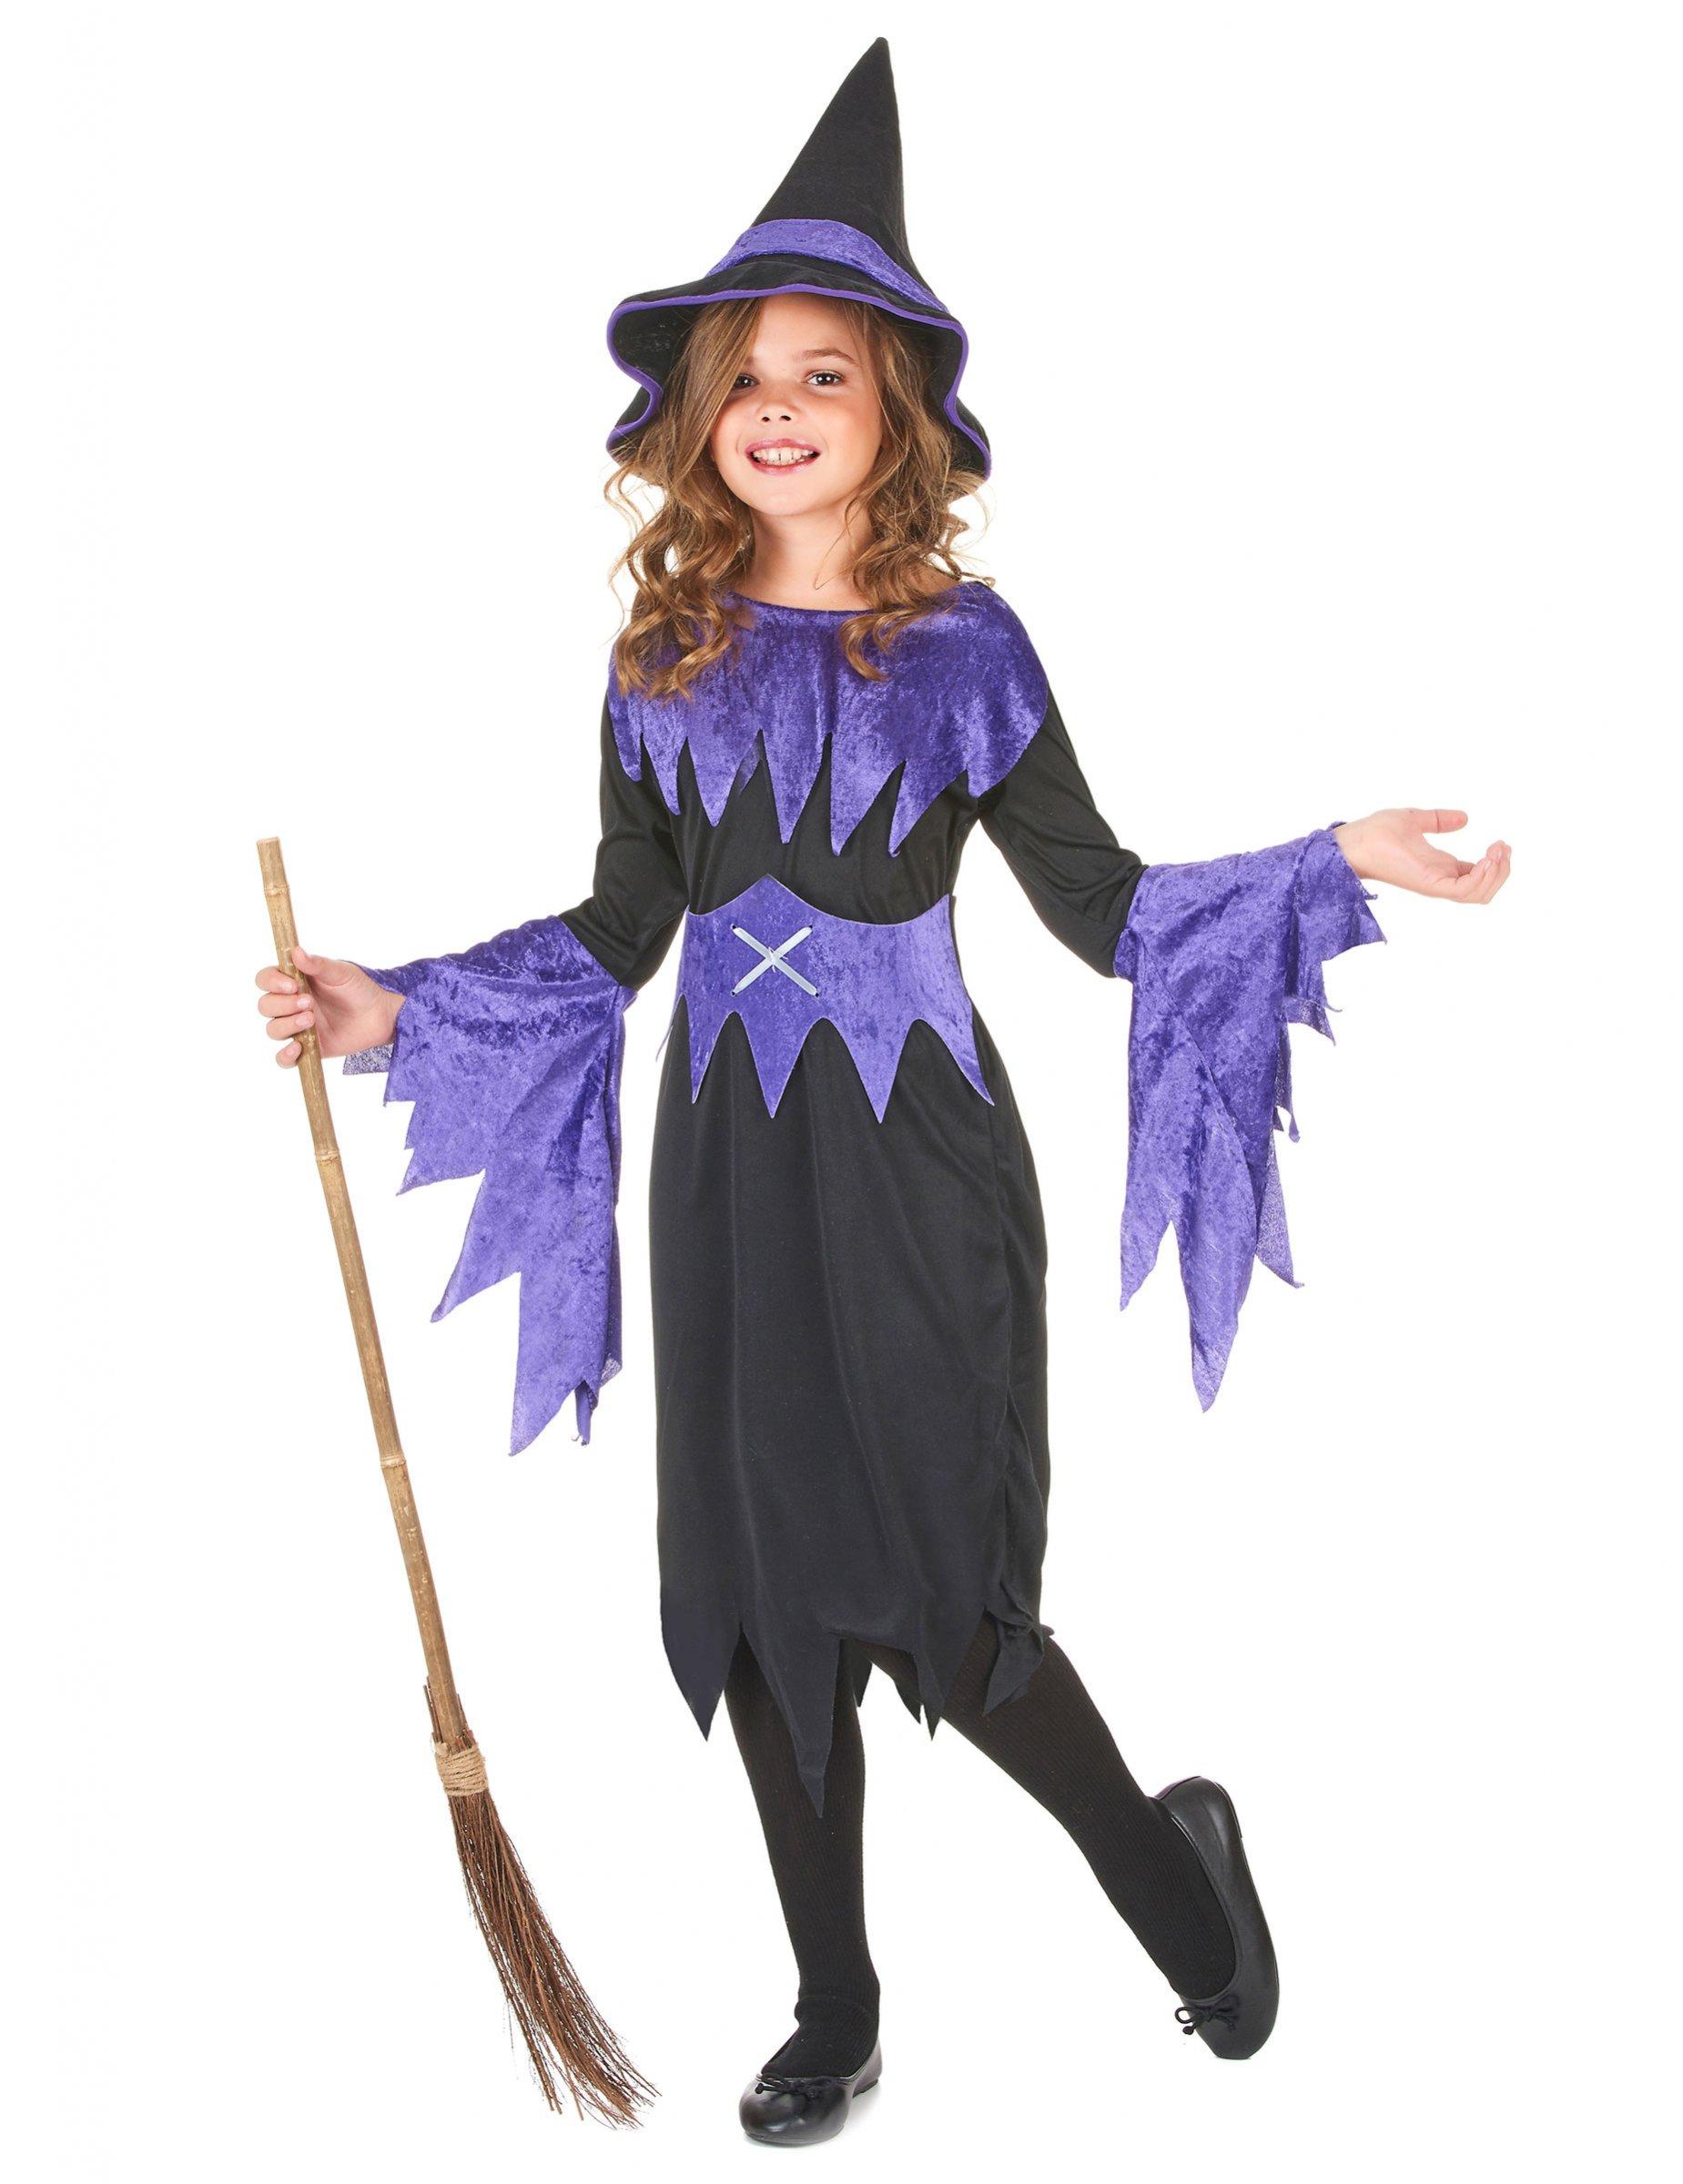 Costume da strega per Halloween da bambina su VegaooParty 80876b432cb5